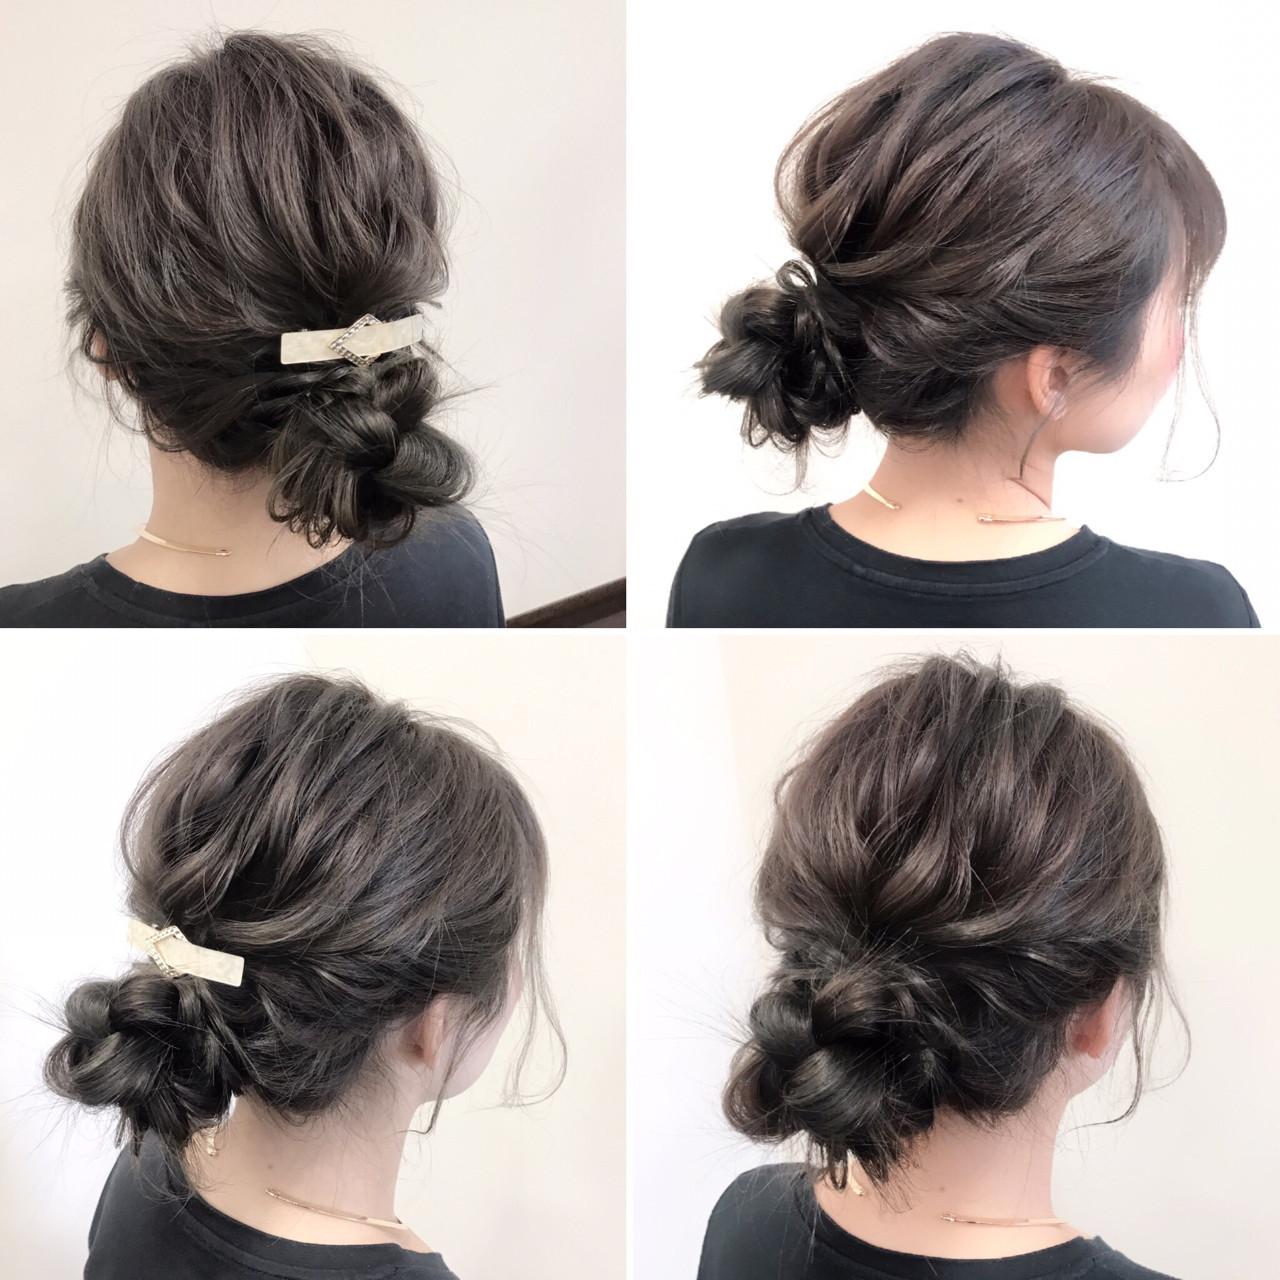 デート フェミニン 結婚式 ロング ヘアスタイルや髪型の写真・画像